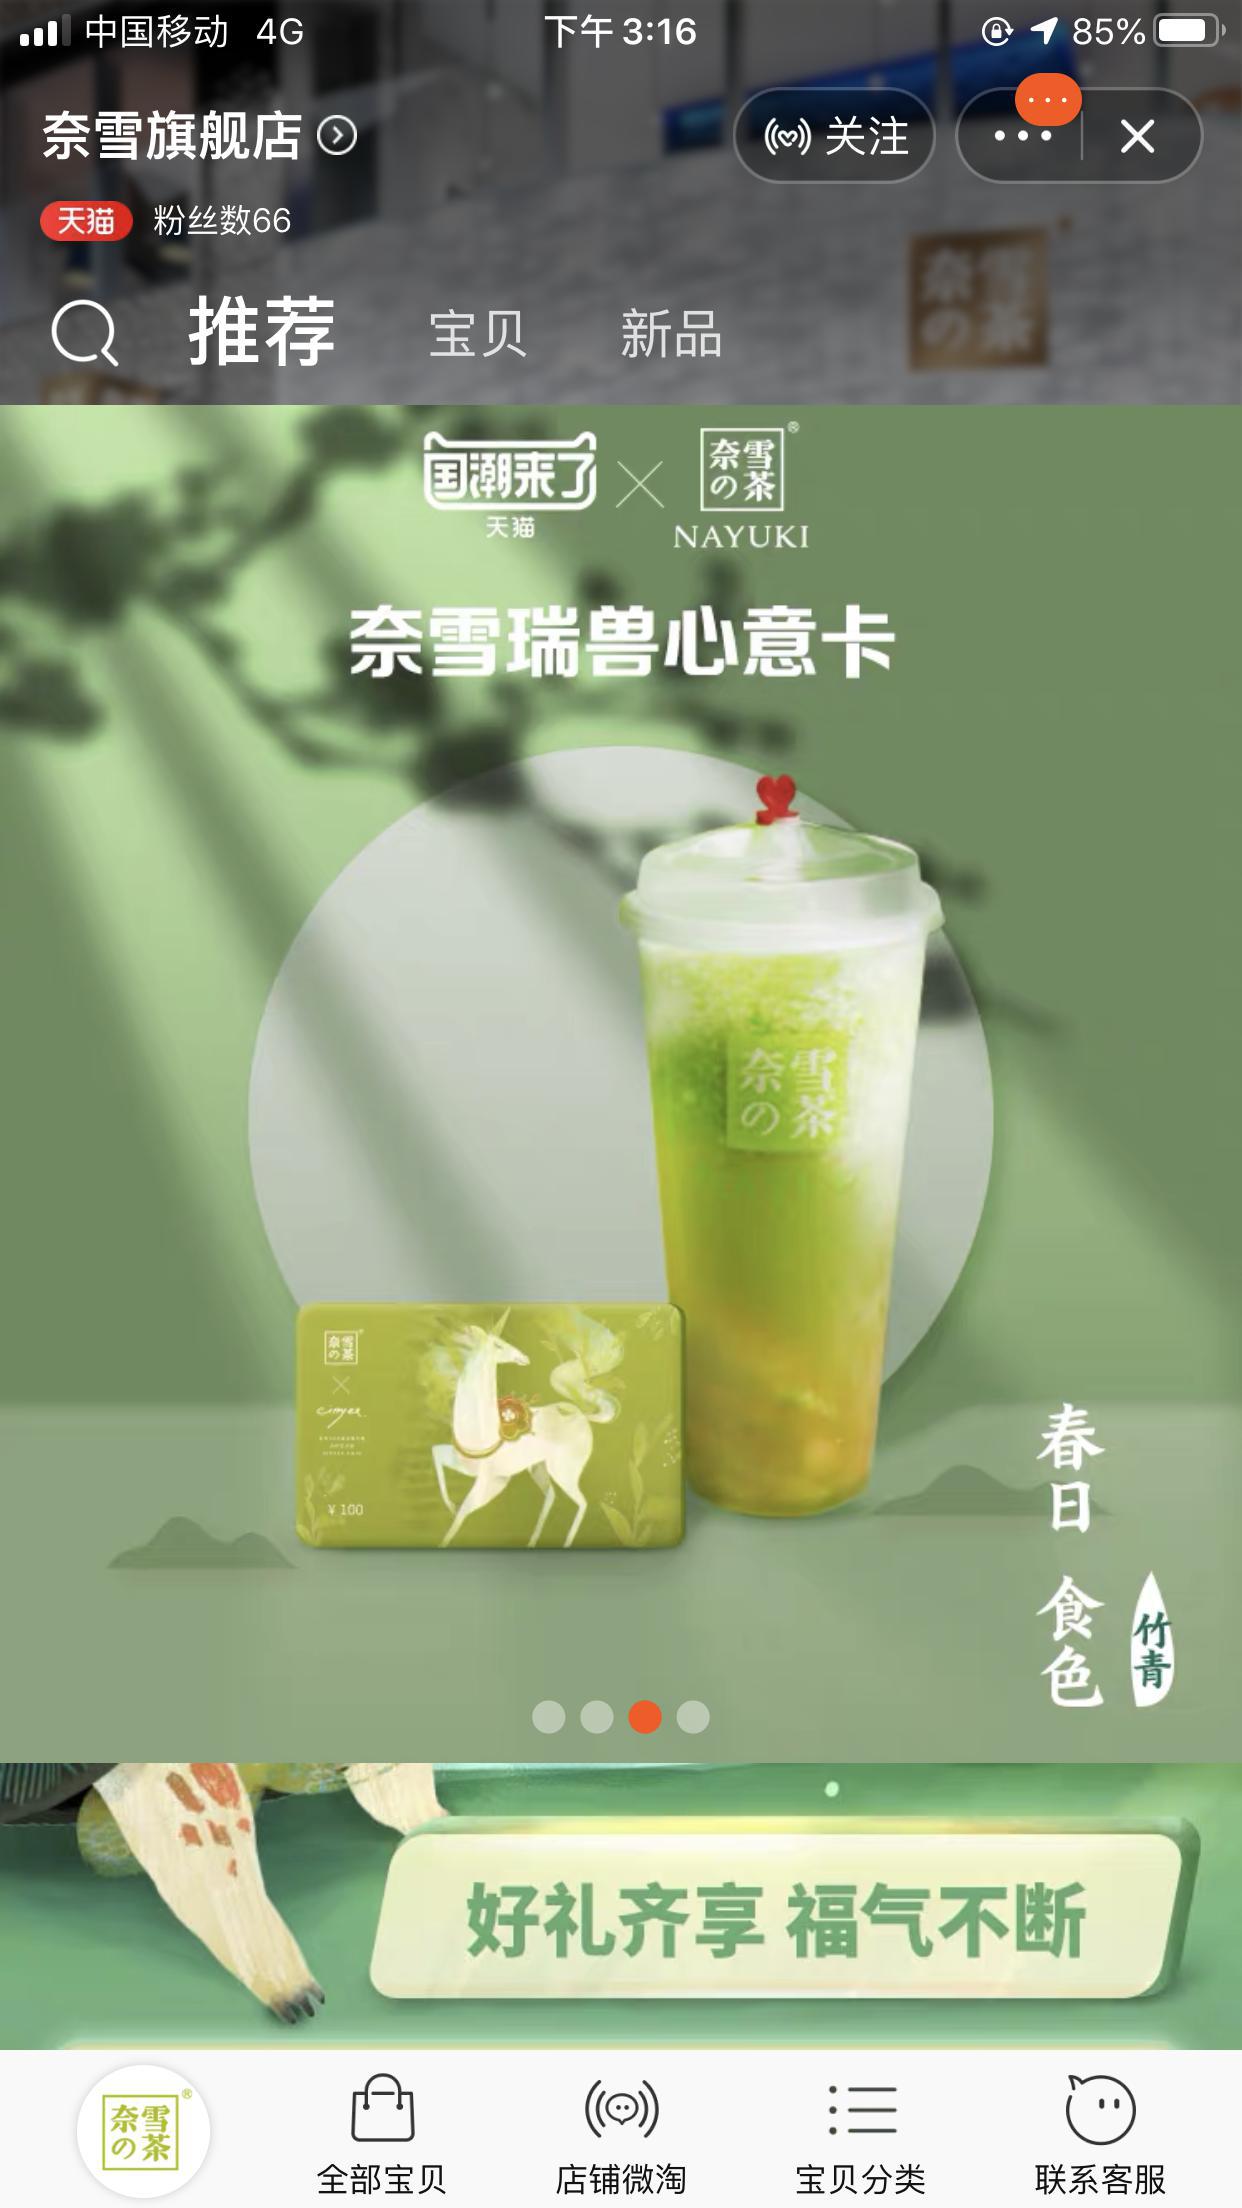 奈雪的茶正式登陆天猫,加速布局数字化新零售